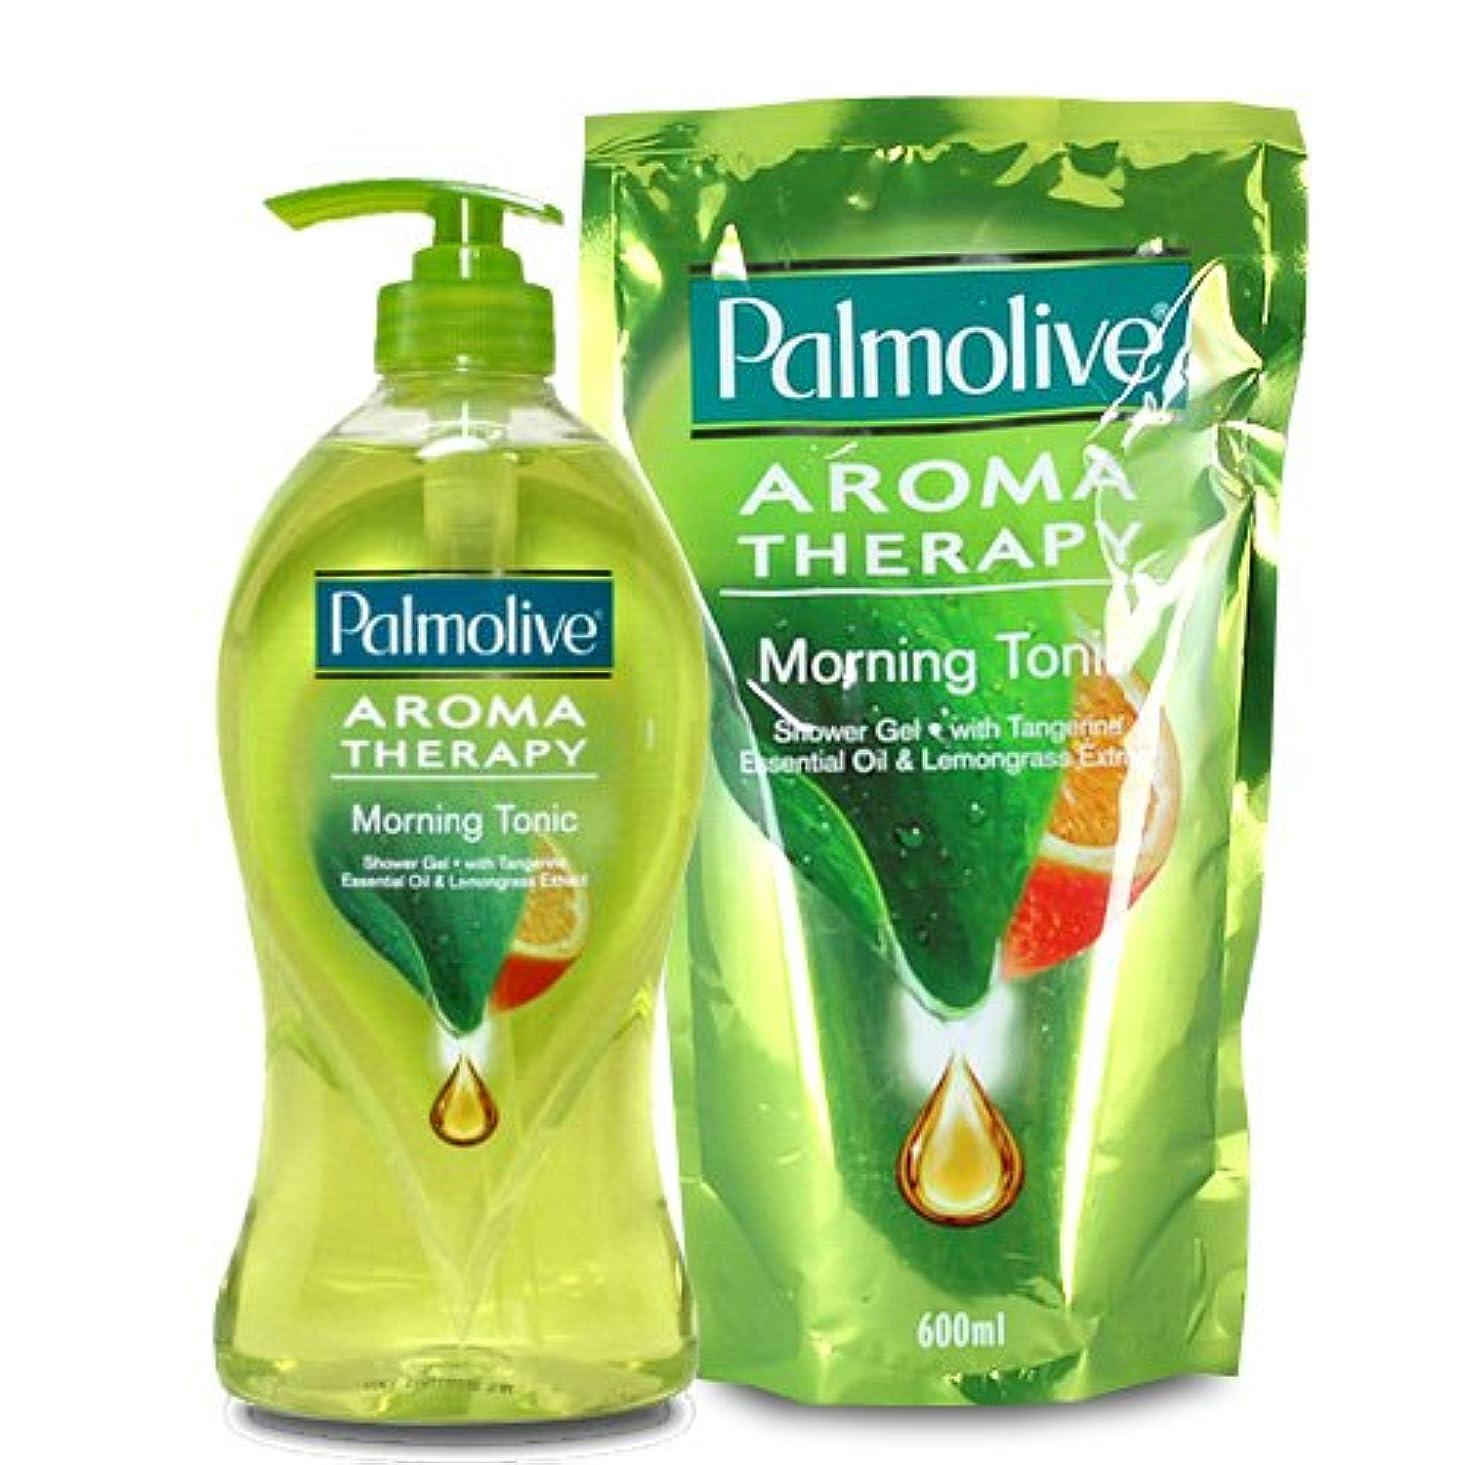 値下げしつけ五【Palmolive】パルモリーブ アロマセラピーシャワージェル ボトルと詰め替えのセット (モーニングトニック)